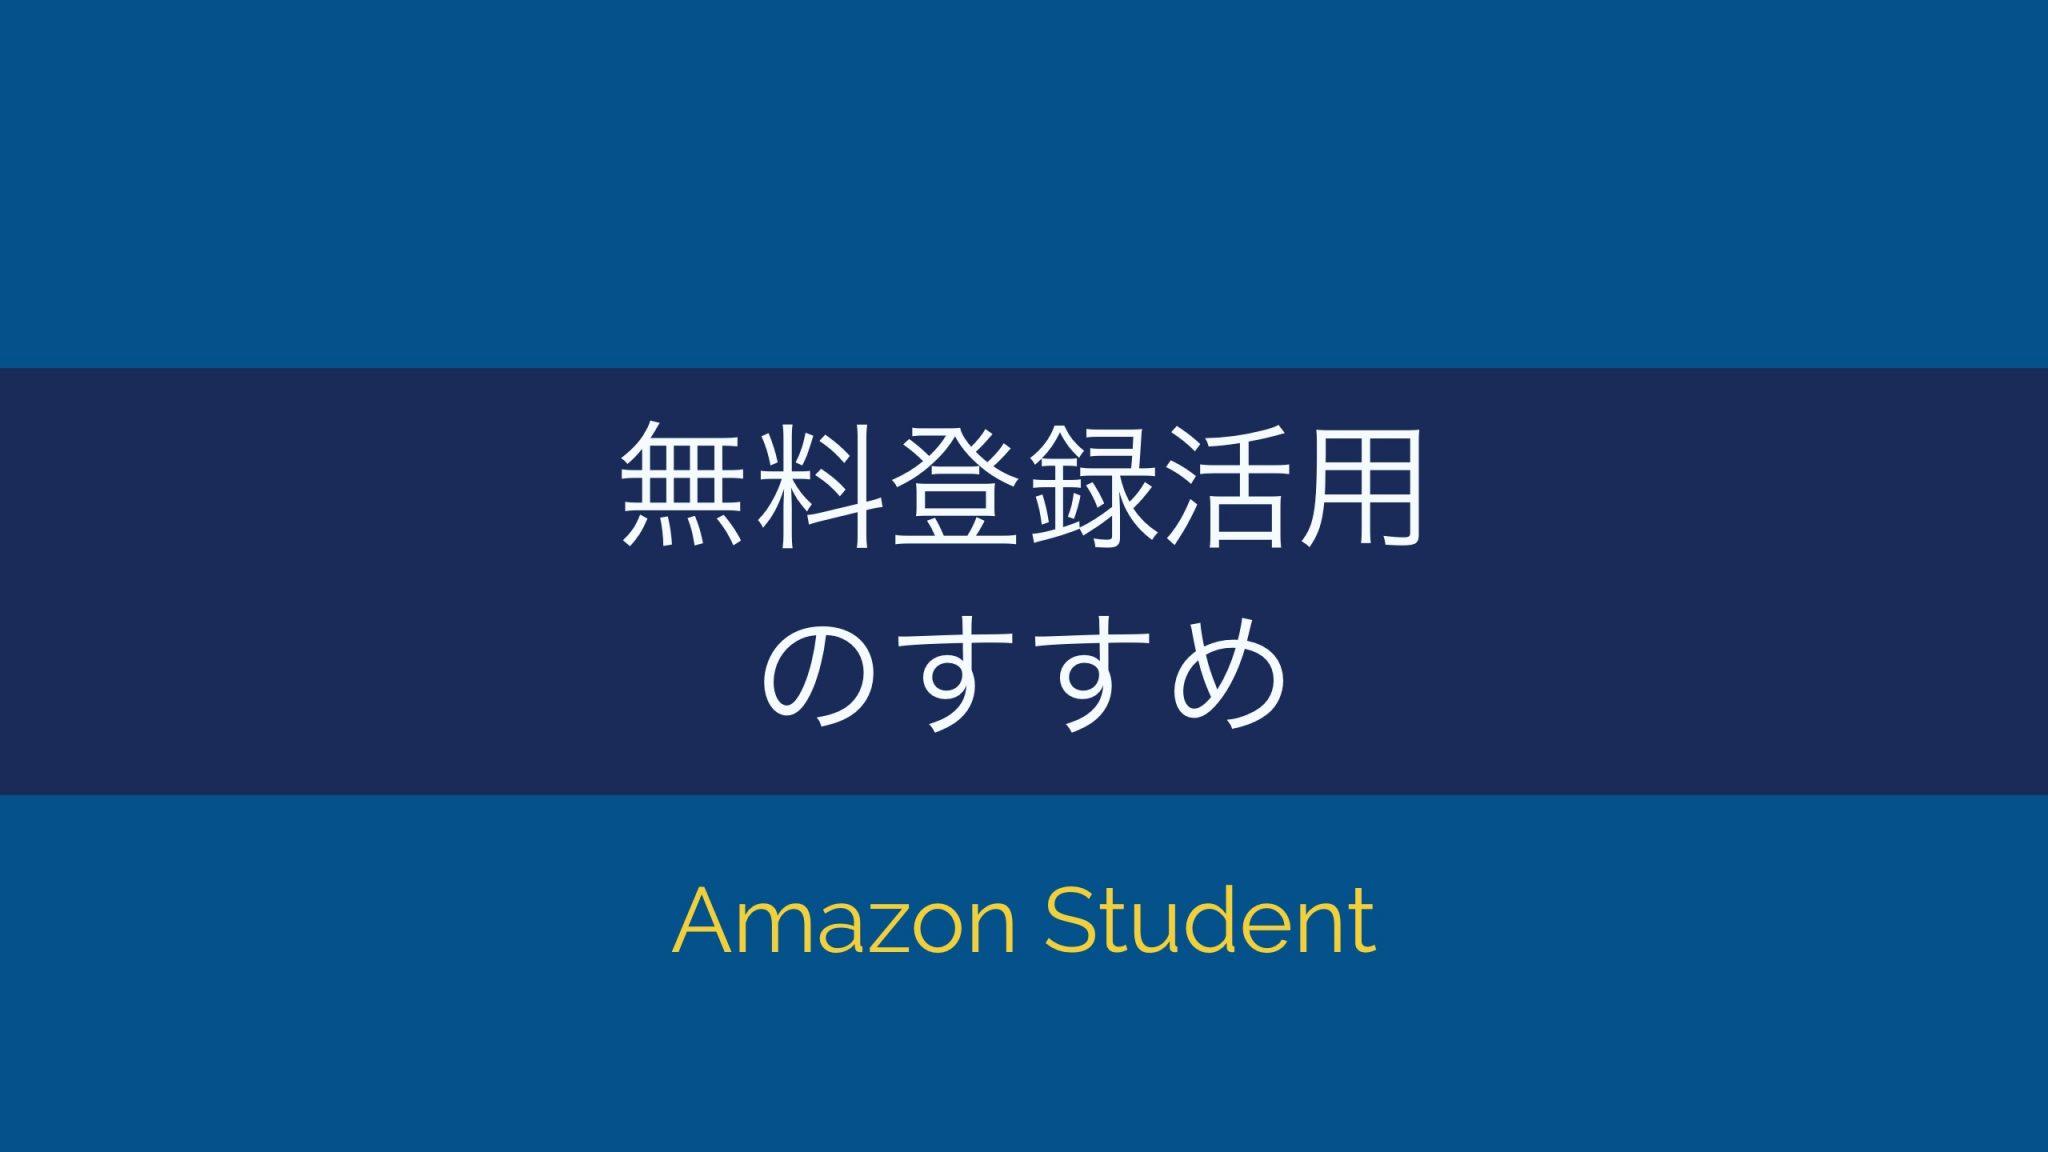 大学に入学したらAmazon Studentに無料登録しちゃうのがおすすめよっ!